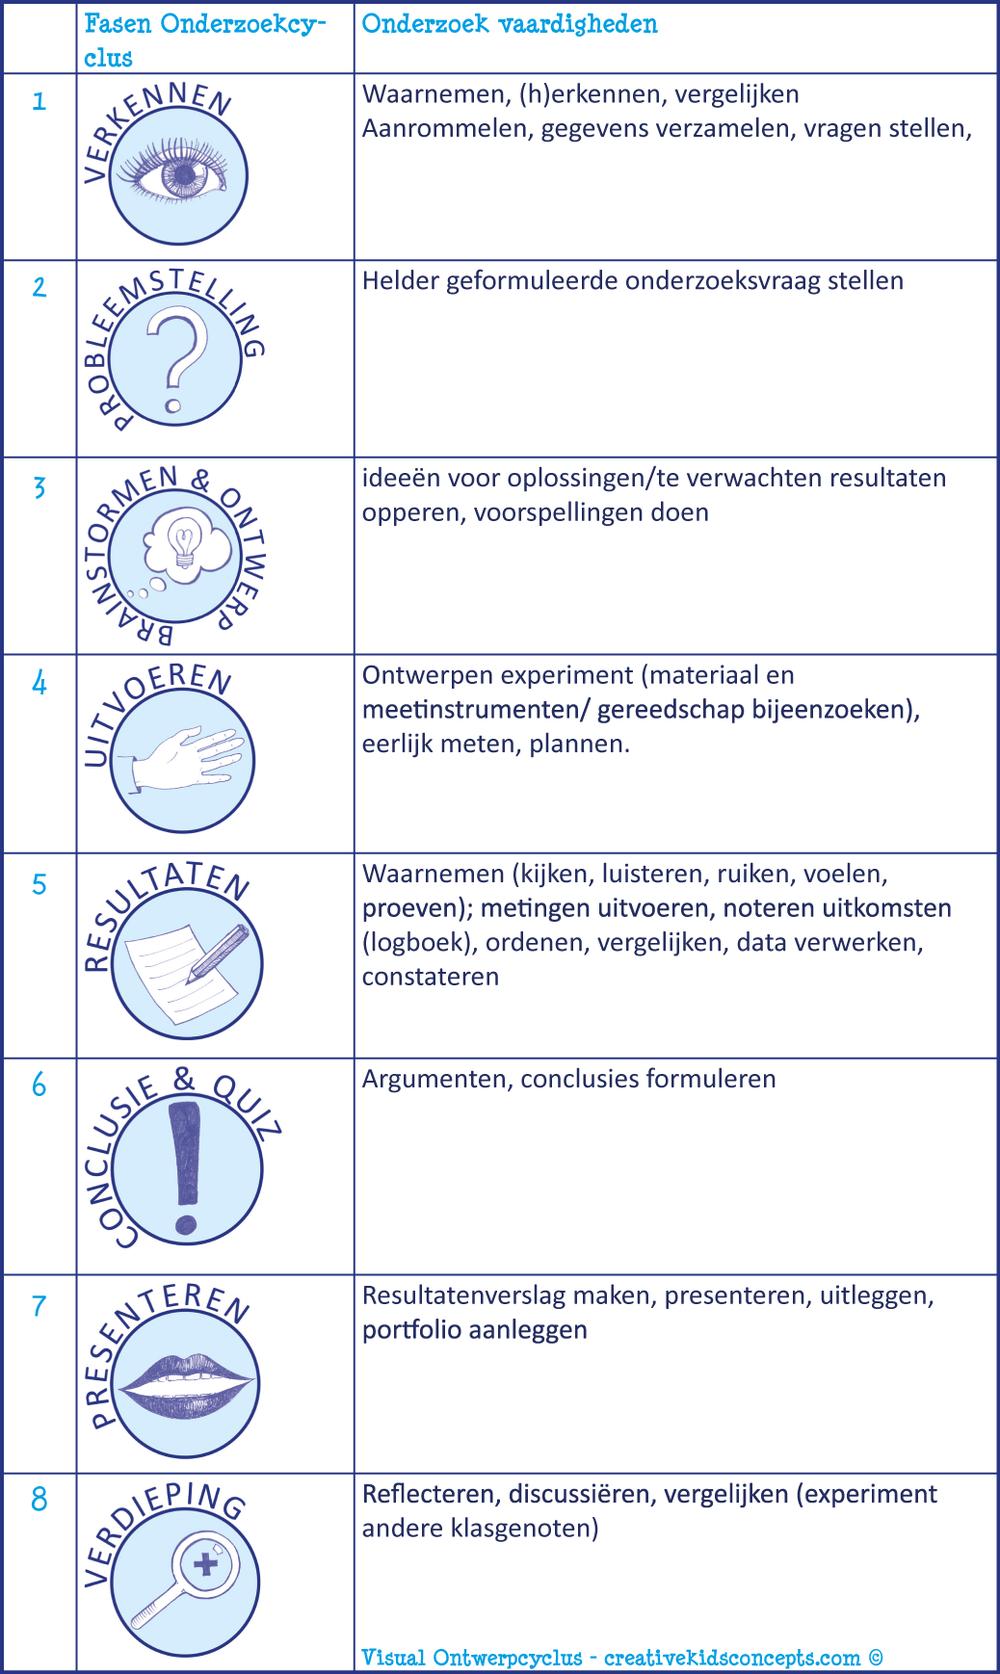 Fasen Onderzoekcyclus